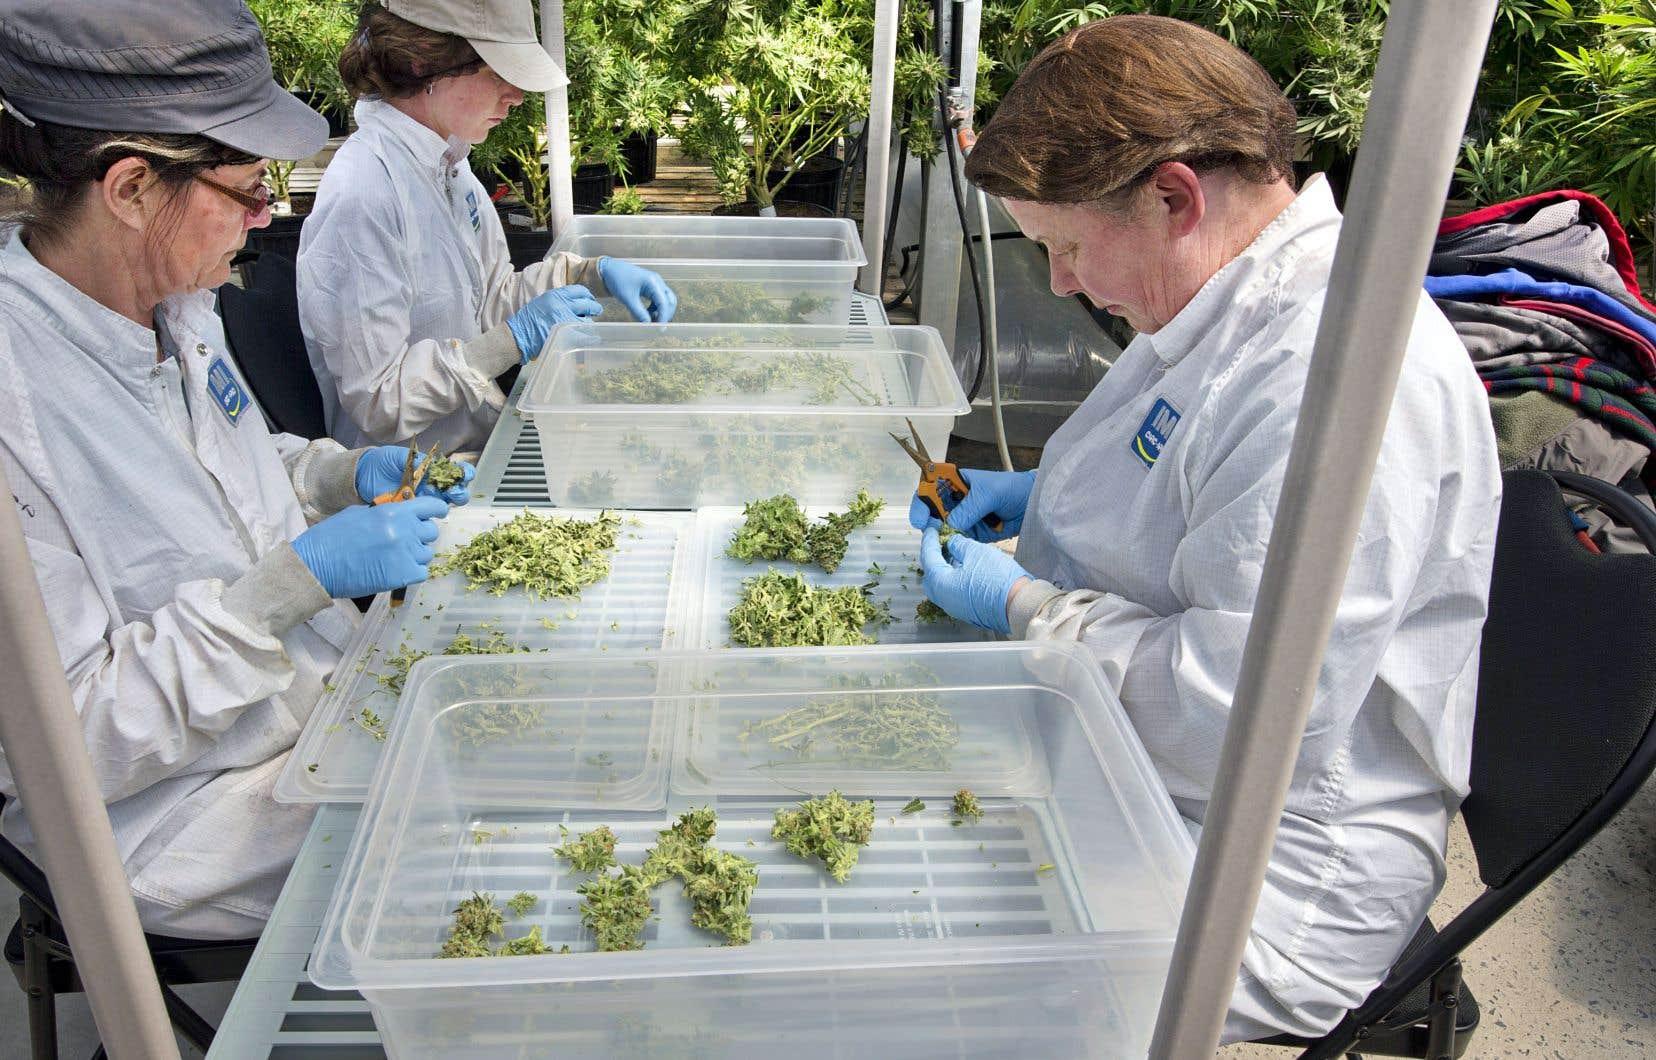 Les lois de l'économie de marché vont désormais jouer pleinement pour structurer le marché du cannabis.